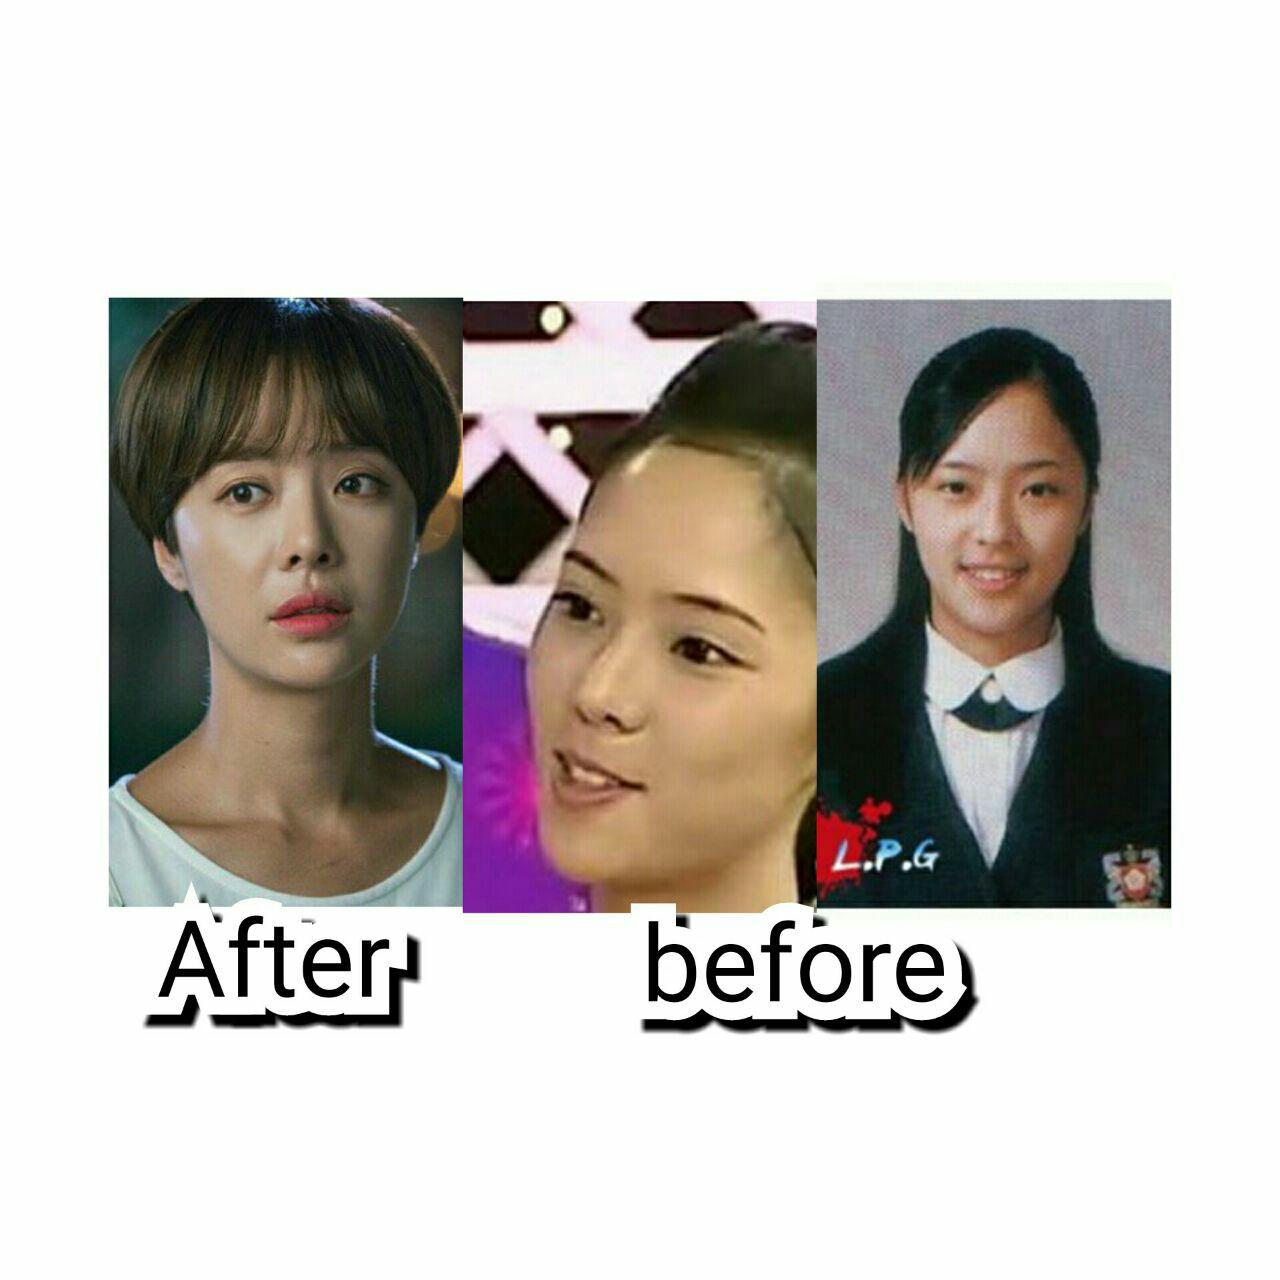 عکس قبل و بعد از عمل هوانگ جونگ ایوم بازیگر سریالهای (بکش خلاصم کن،،عاشقان خوش شانس) قبل و بعد از عمل